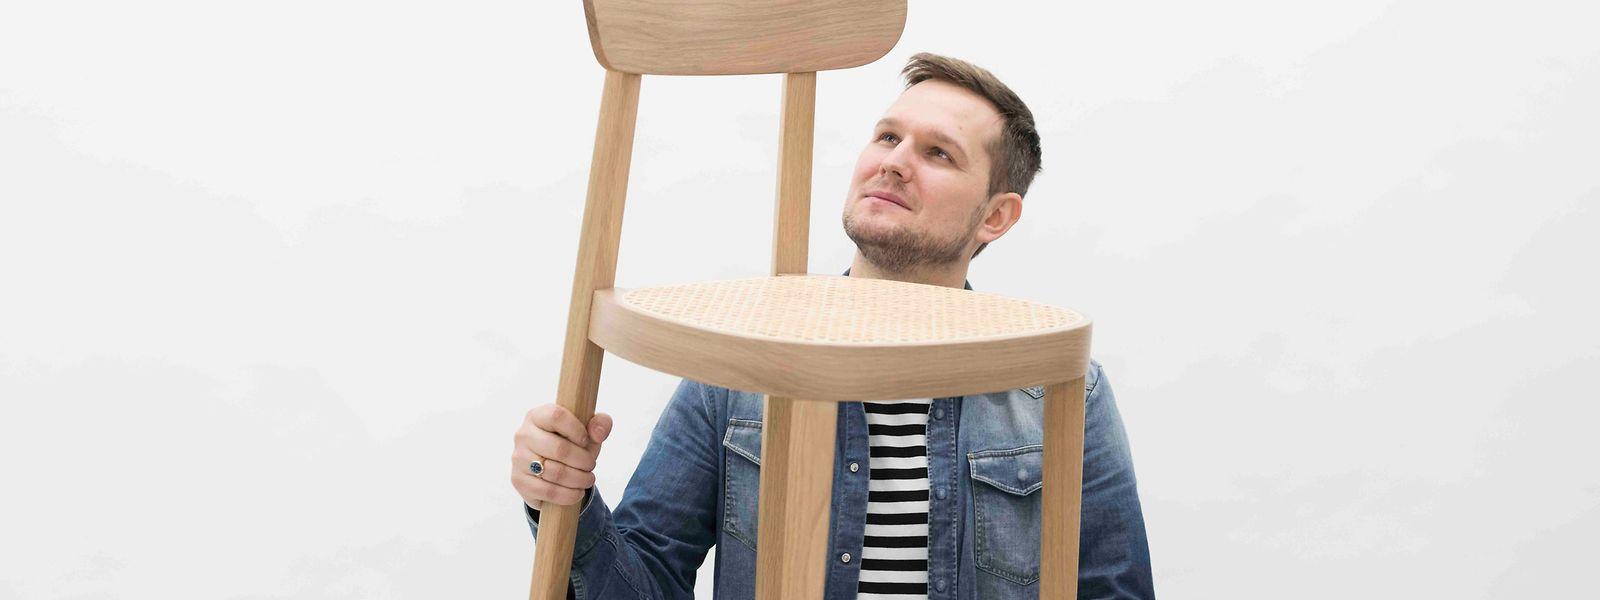 Sebastian Herkner und sein Stuhl Nr. 118, den er für Thonet entwarf.